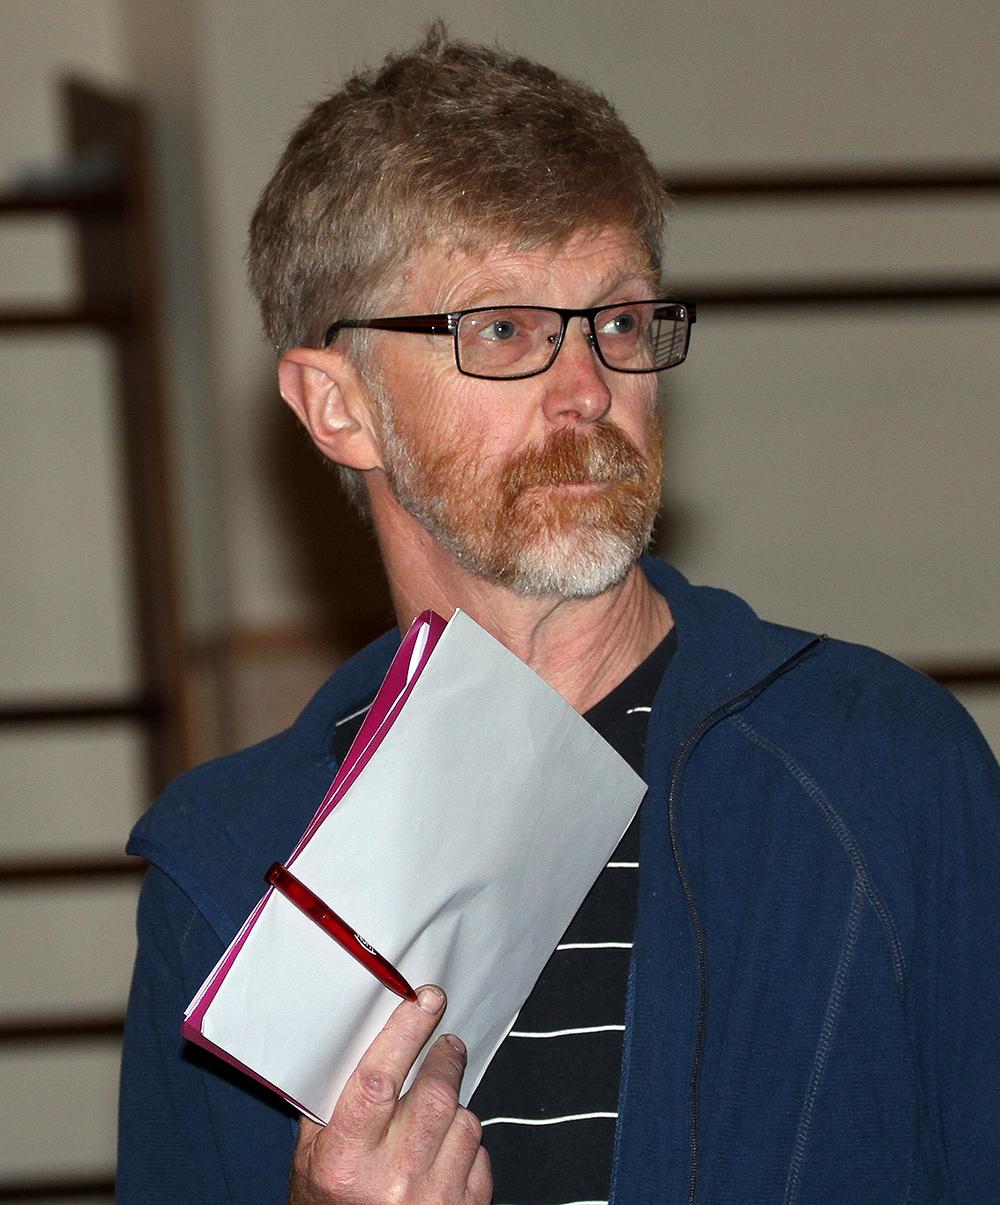 Lars Nesse, nemndsleder i Nordfjella/Fjellheimen og arrangør av jegermøtene i Aurland og Ål. Foto: A. Nyaas